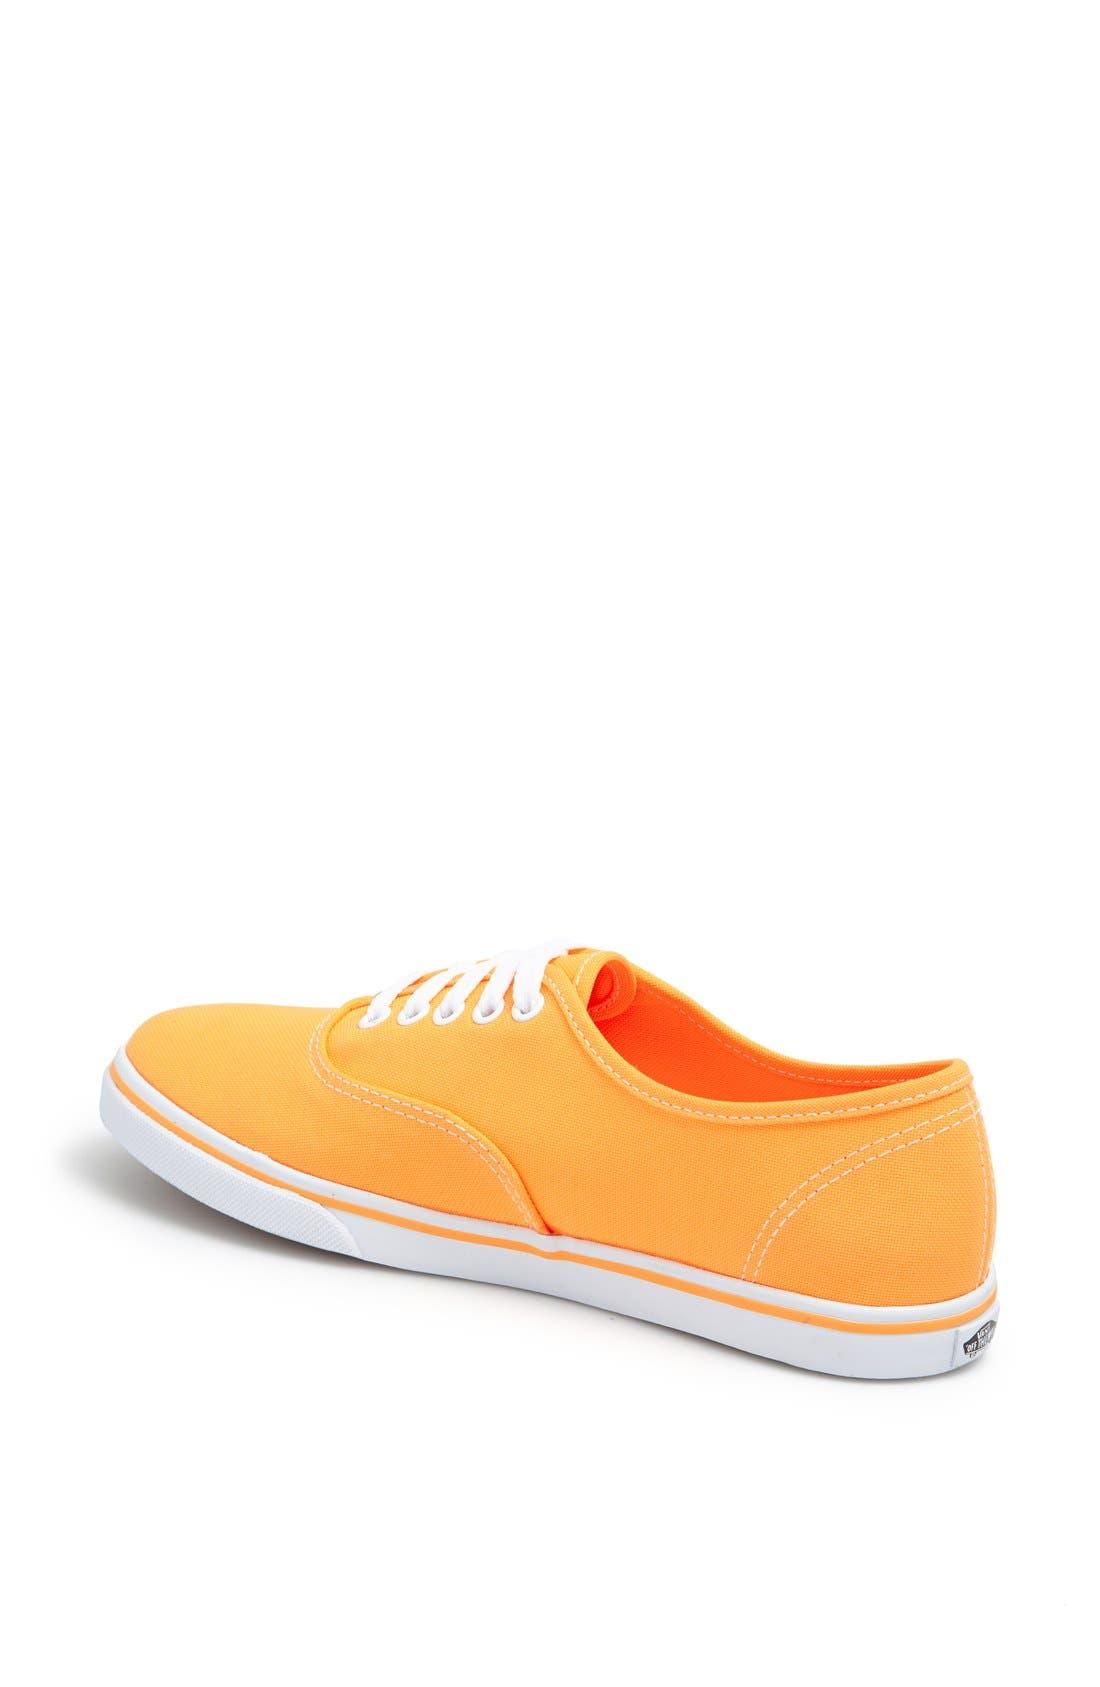 Alternate Image 2  - Vans 'Authentic Lo Pro - Neon' Sneaker (Women)